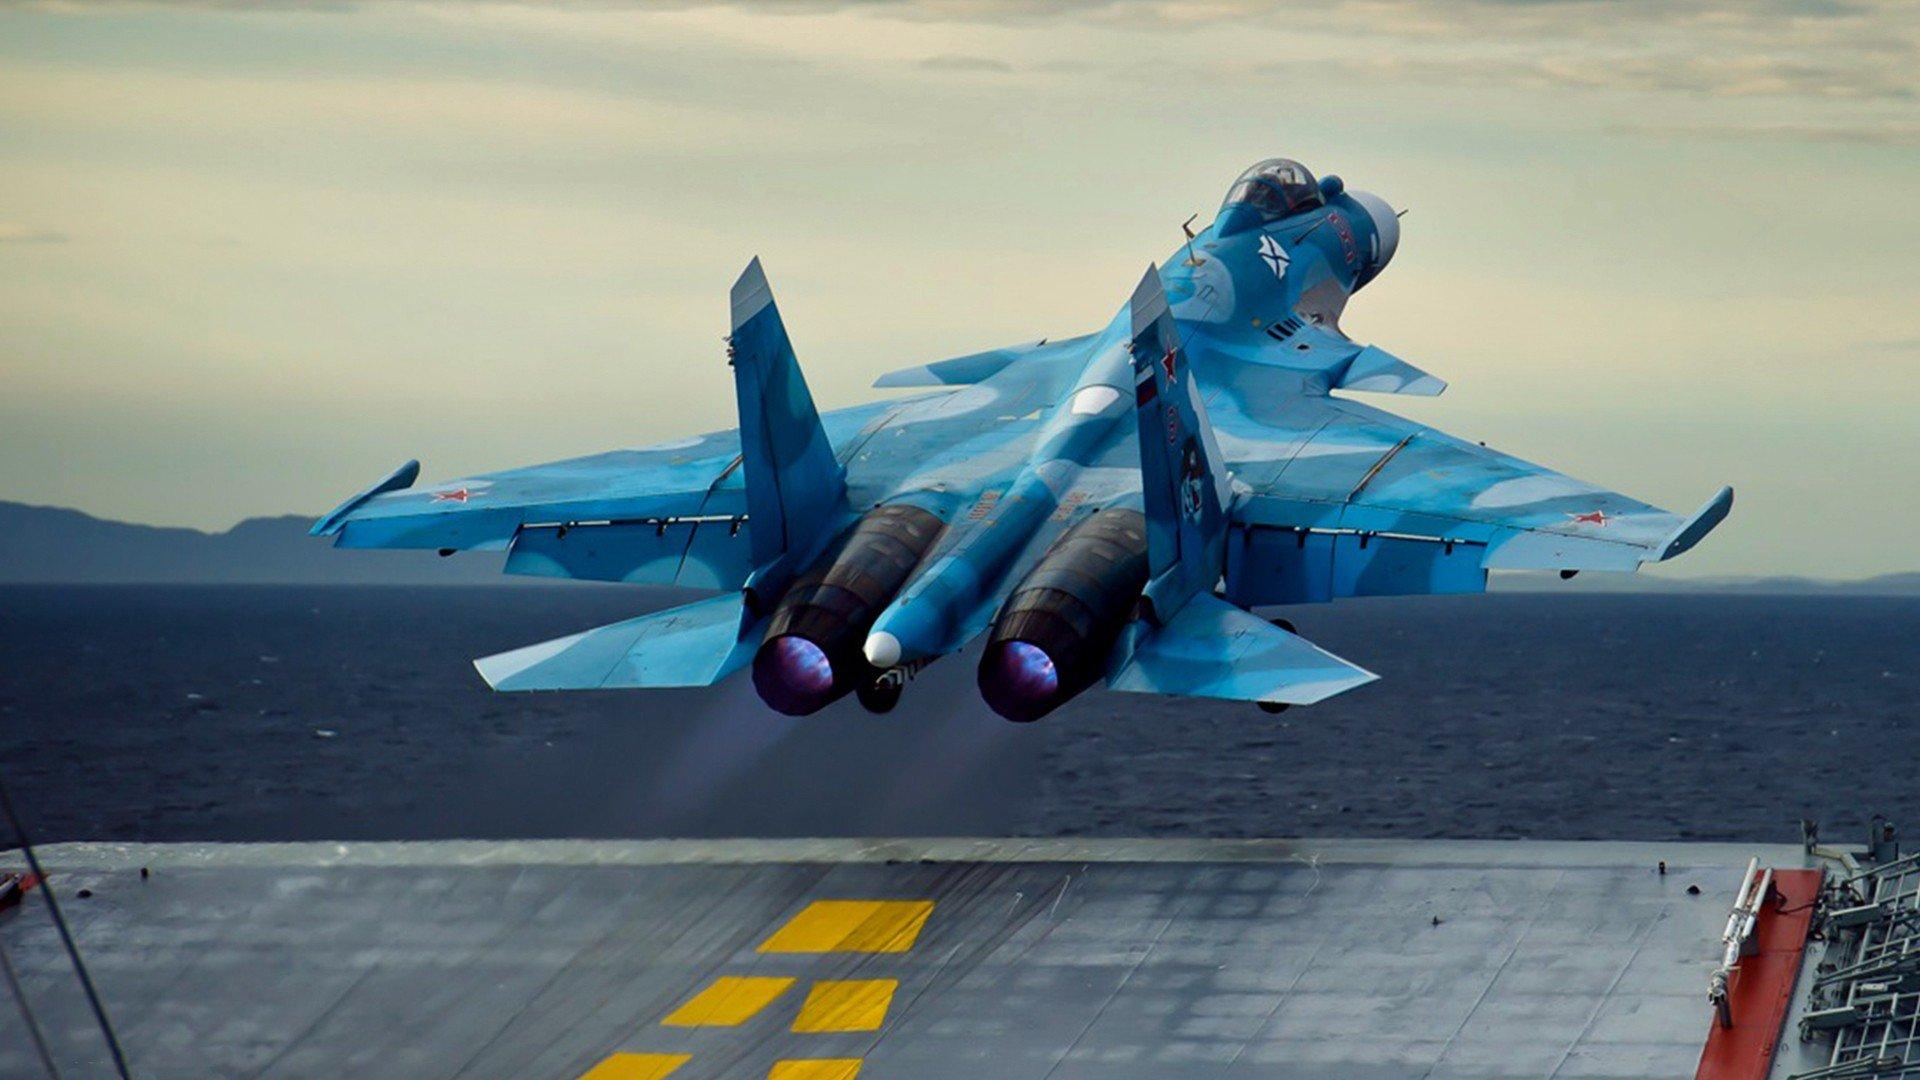 Russian Sukhoi Su-33